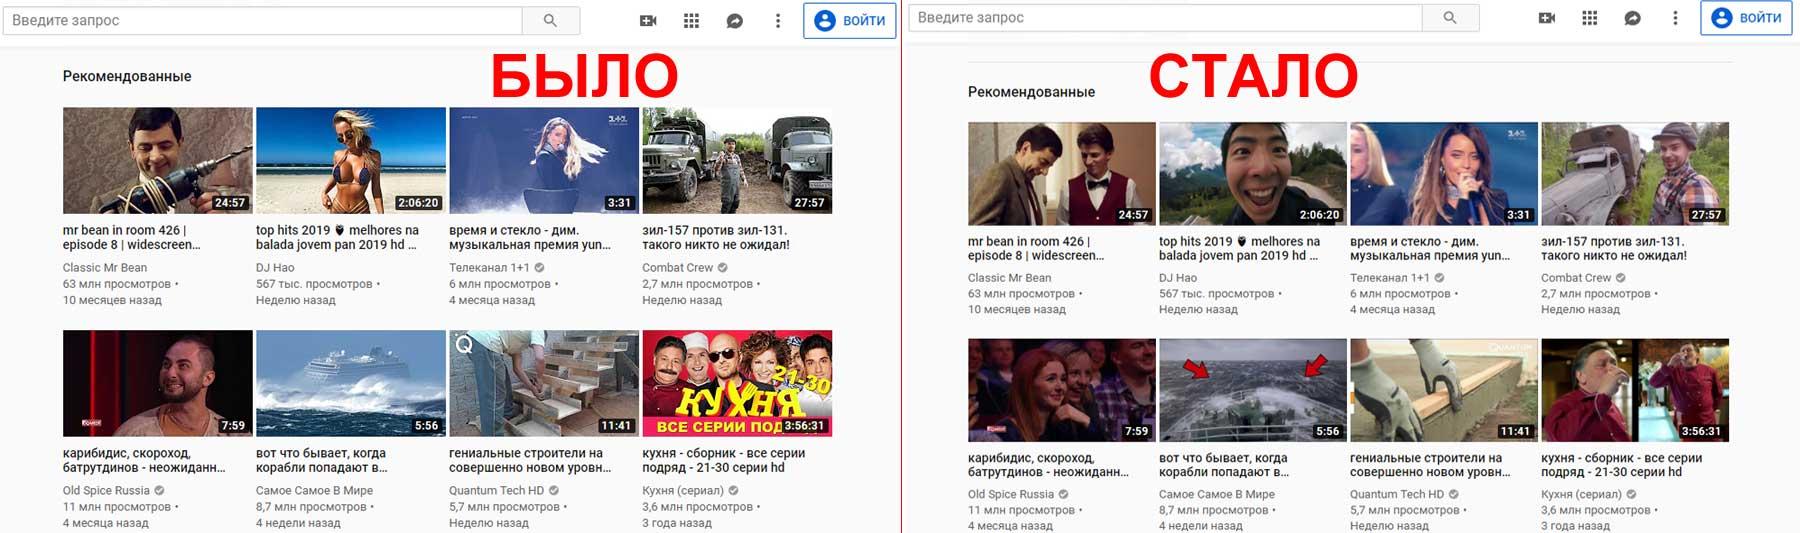 Кликбейтные превью в YouTube: как их убрать